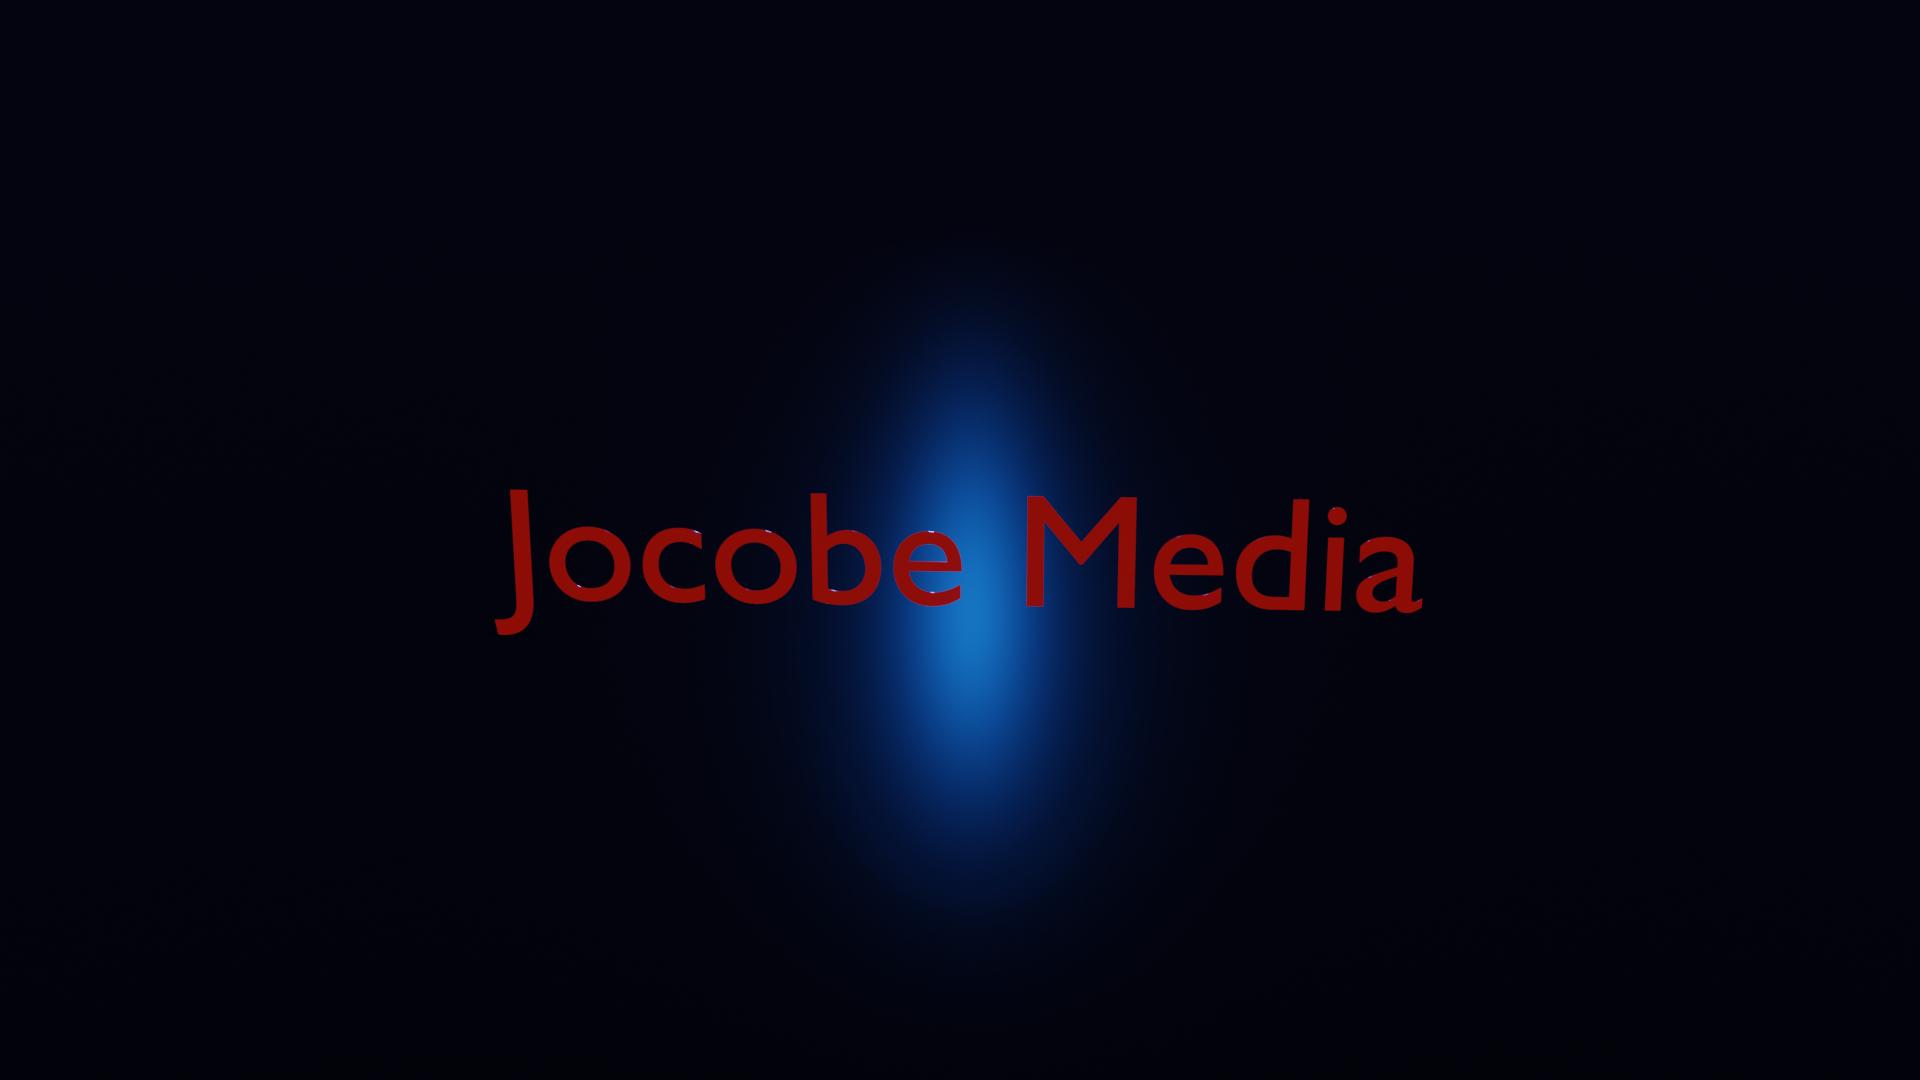 Jocobe Media